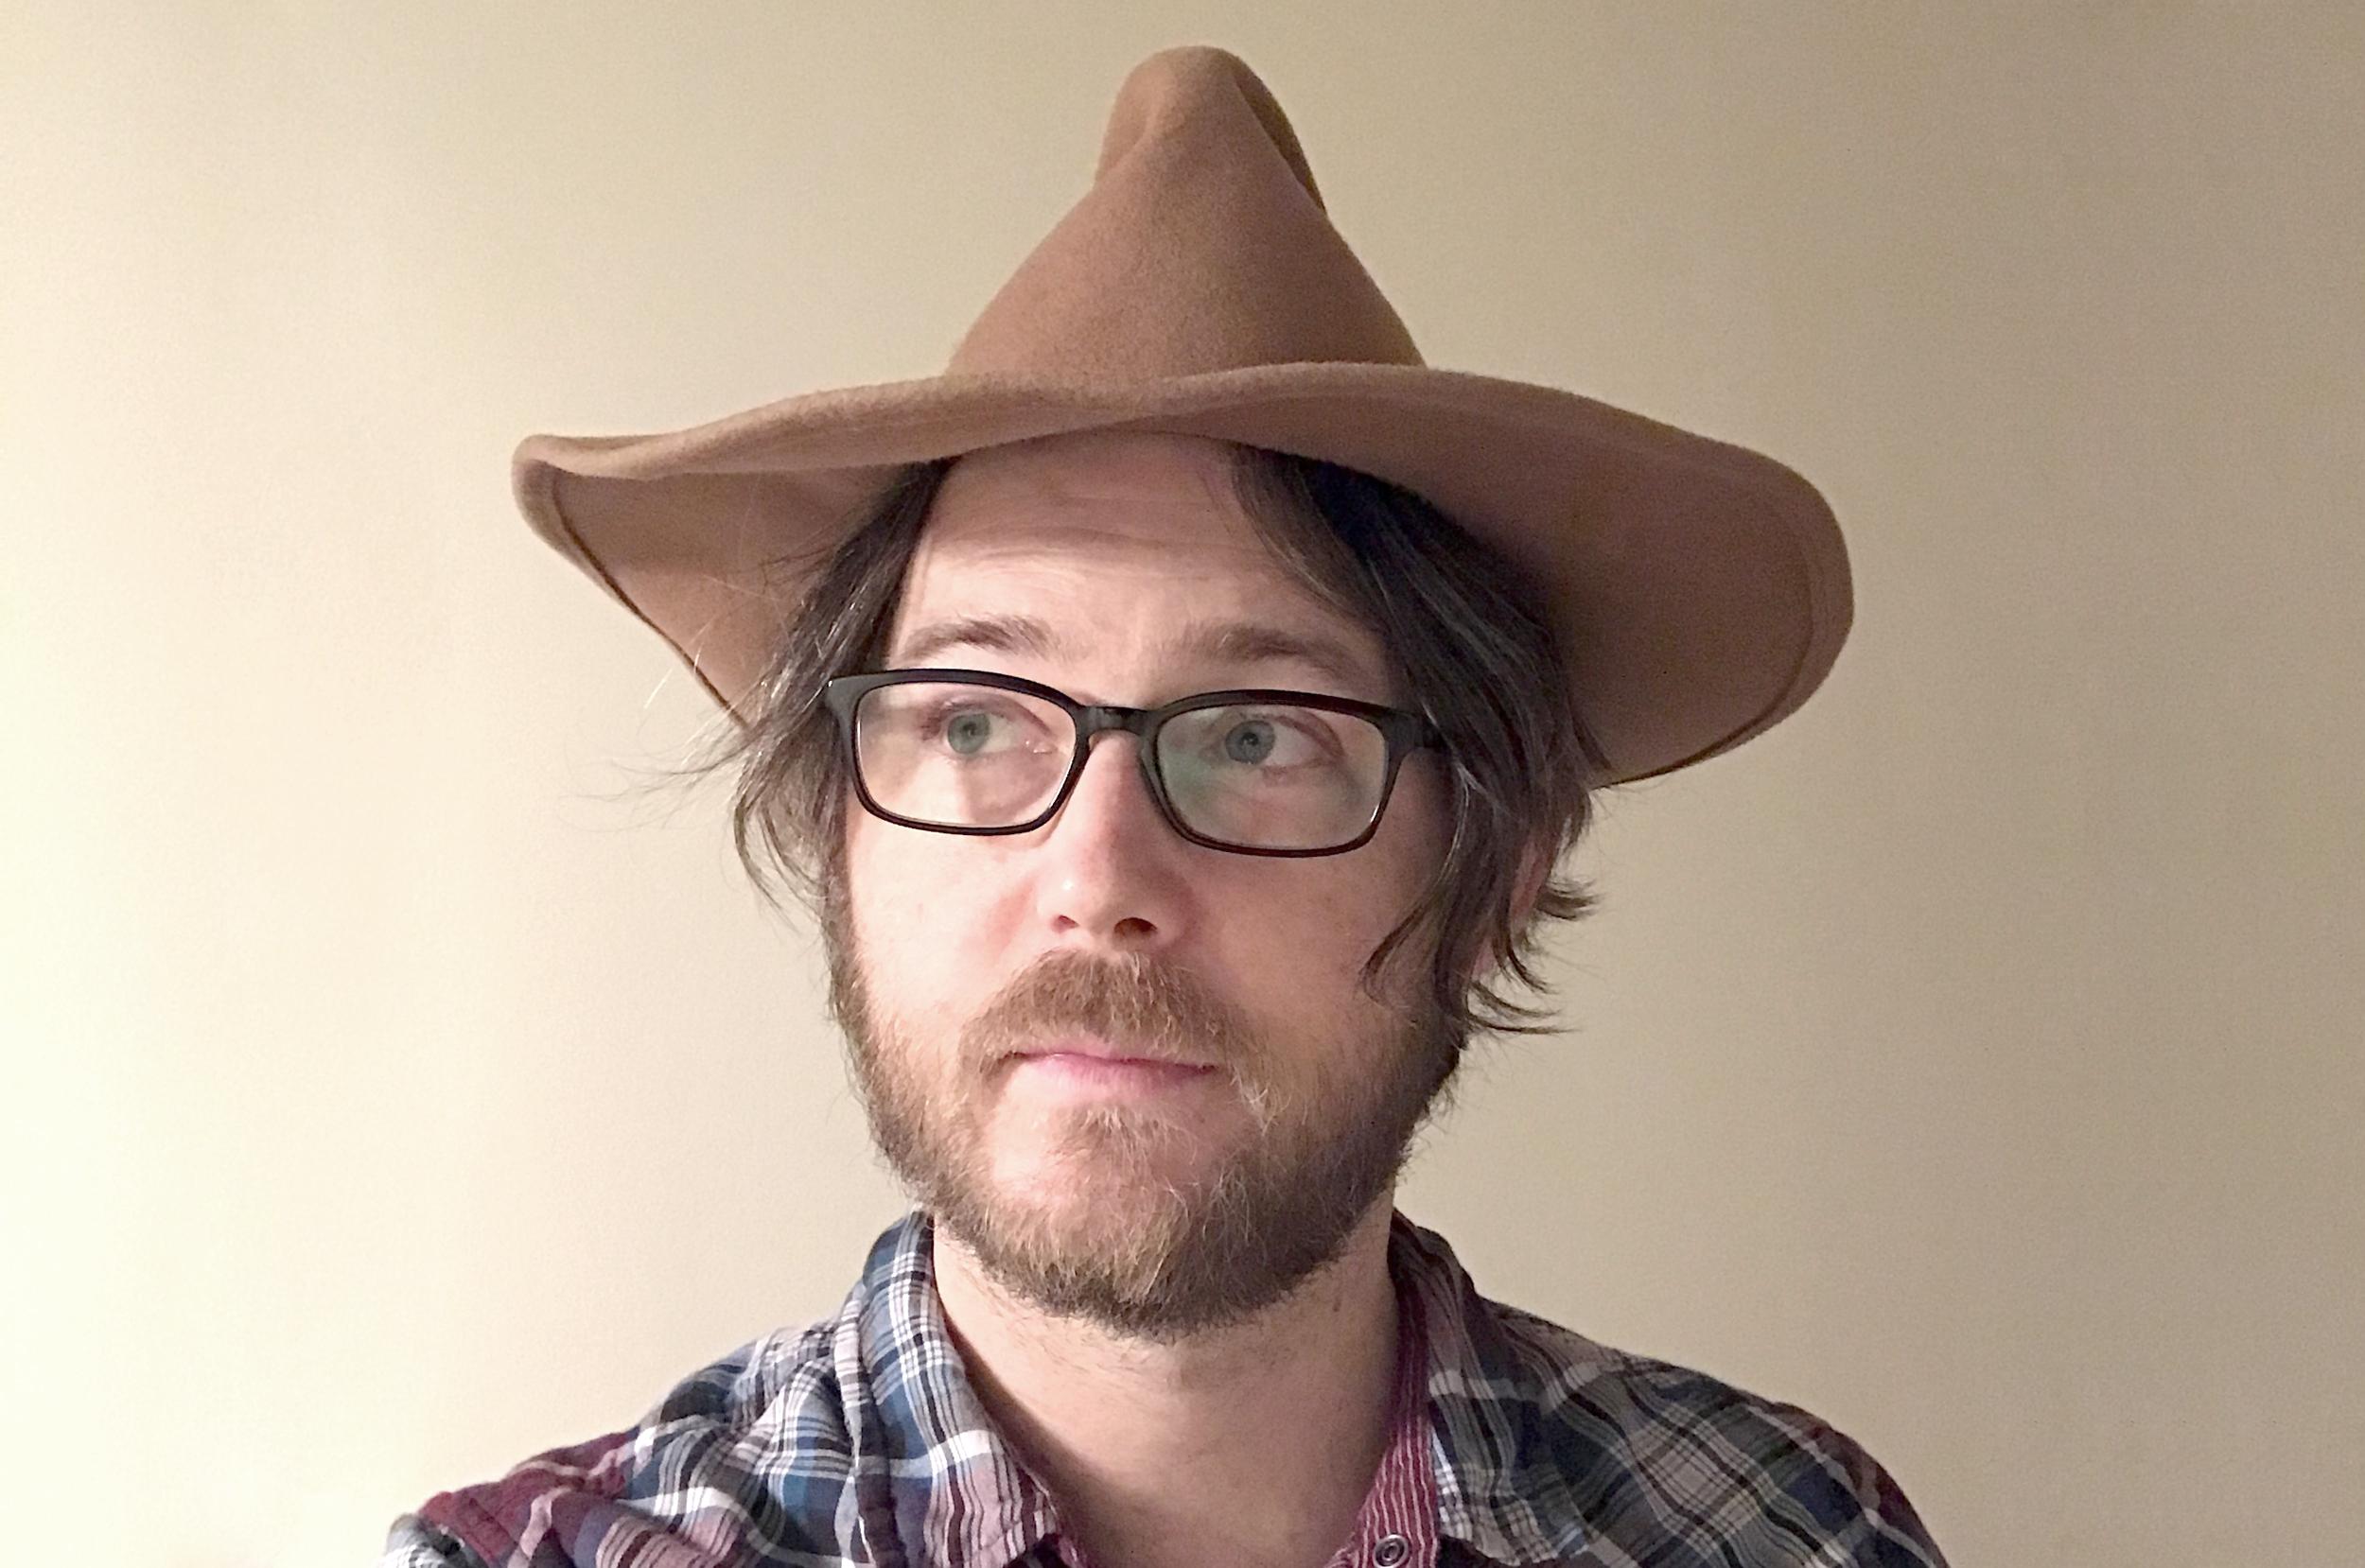 bryan wilson silly hat